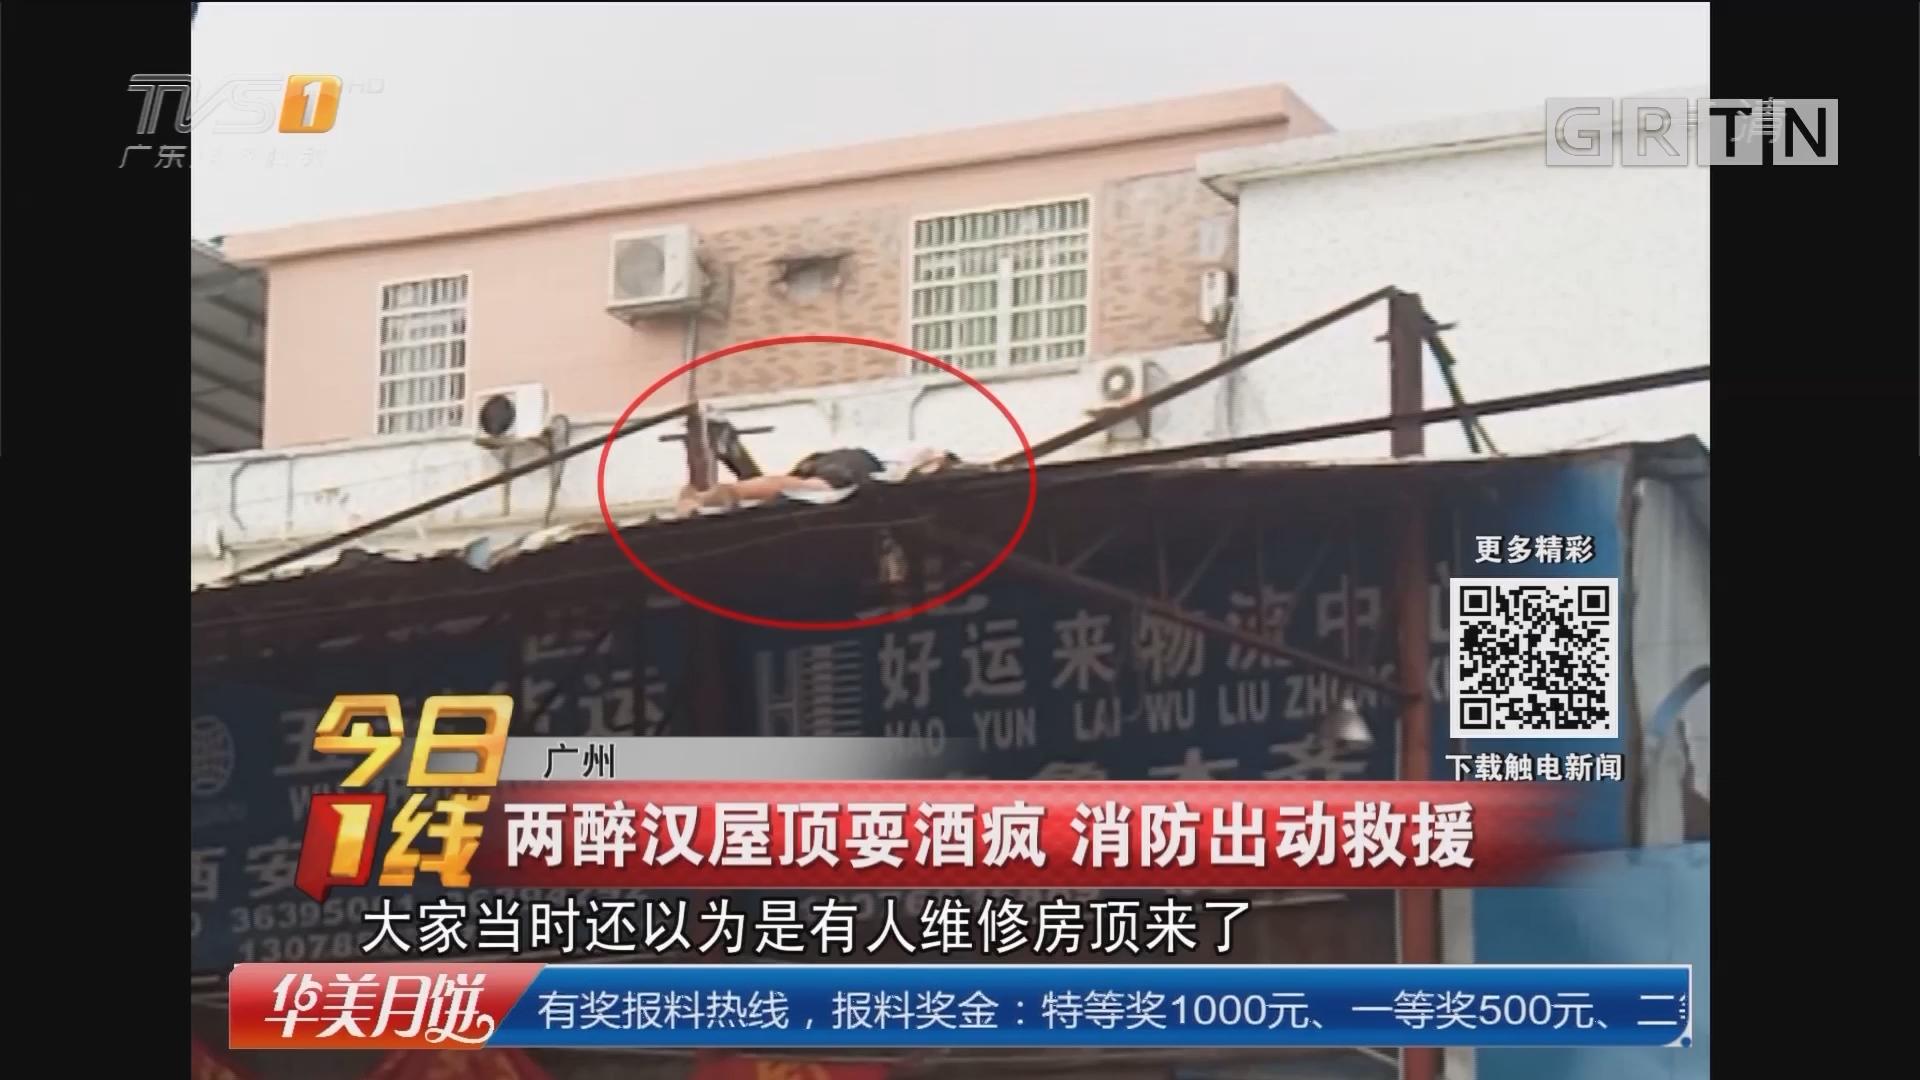 广州:两醉汉屋顶耍酒疯 消防出动救援